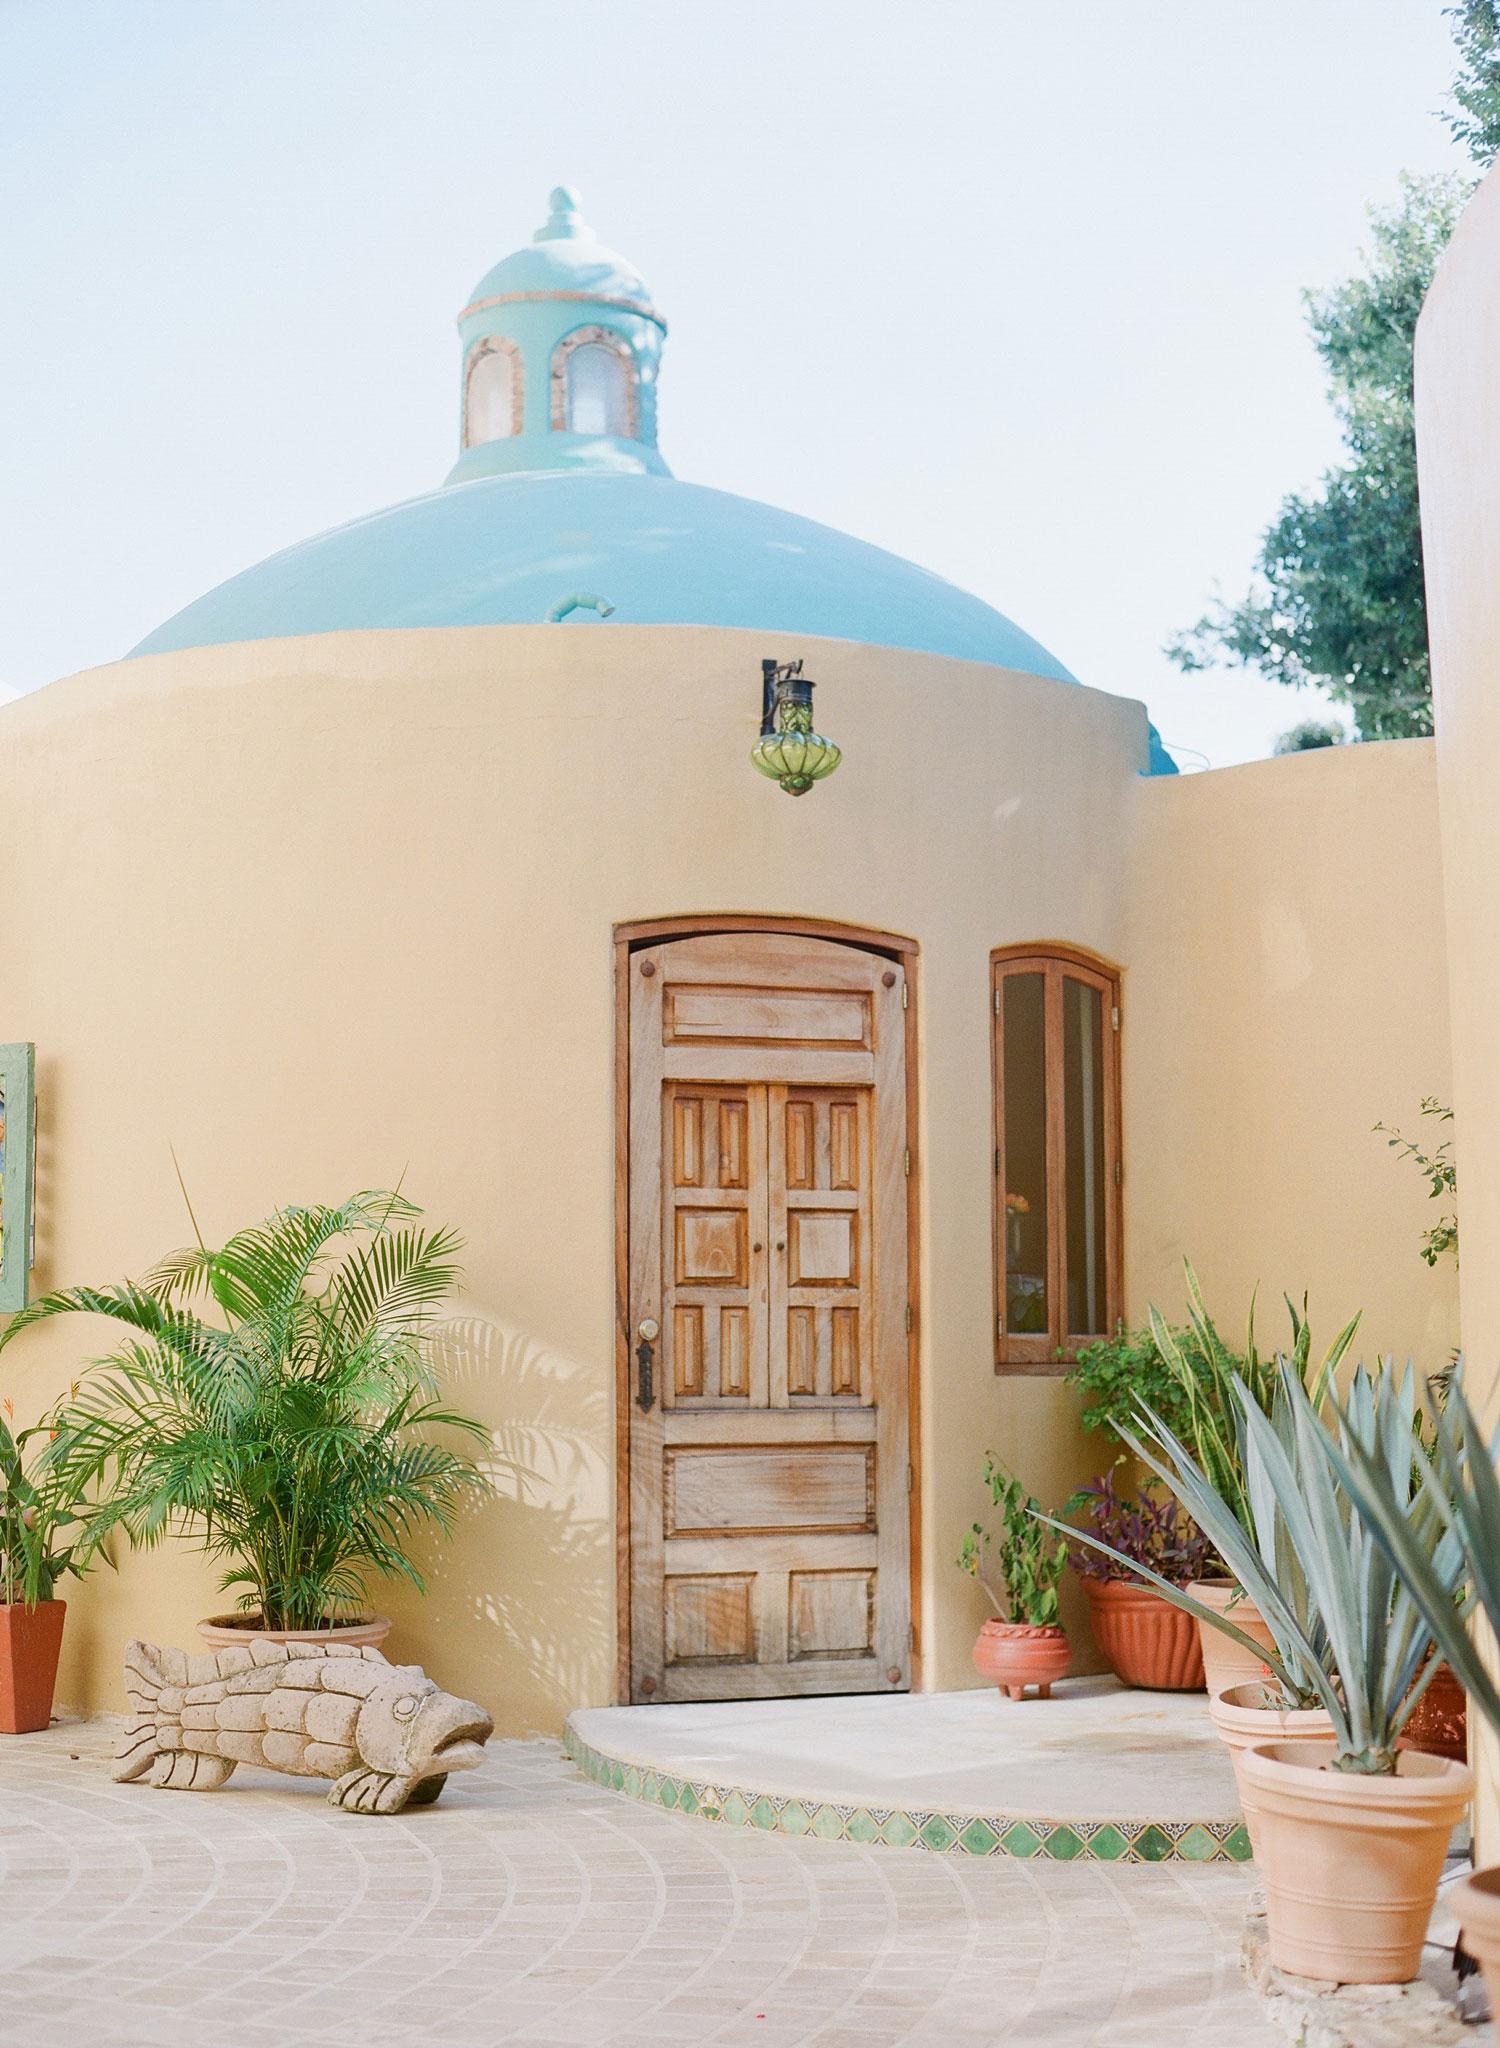 Honeymoon venue location in Mexico